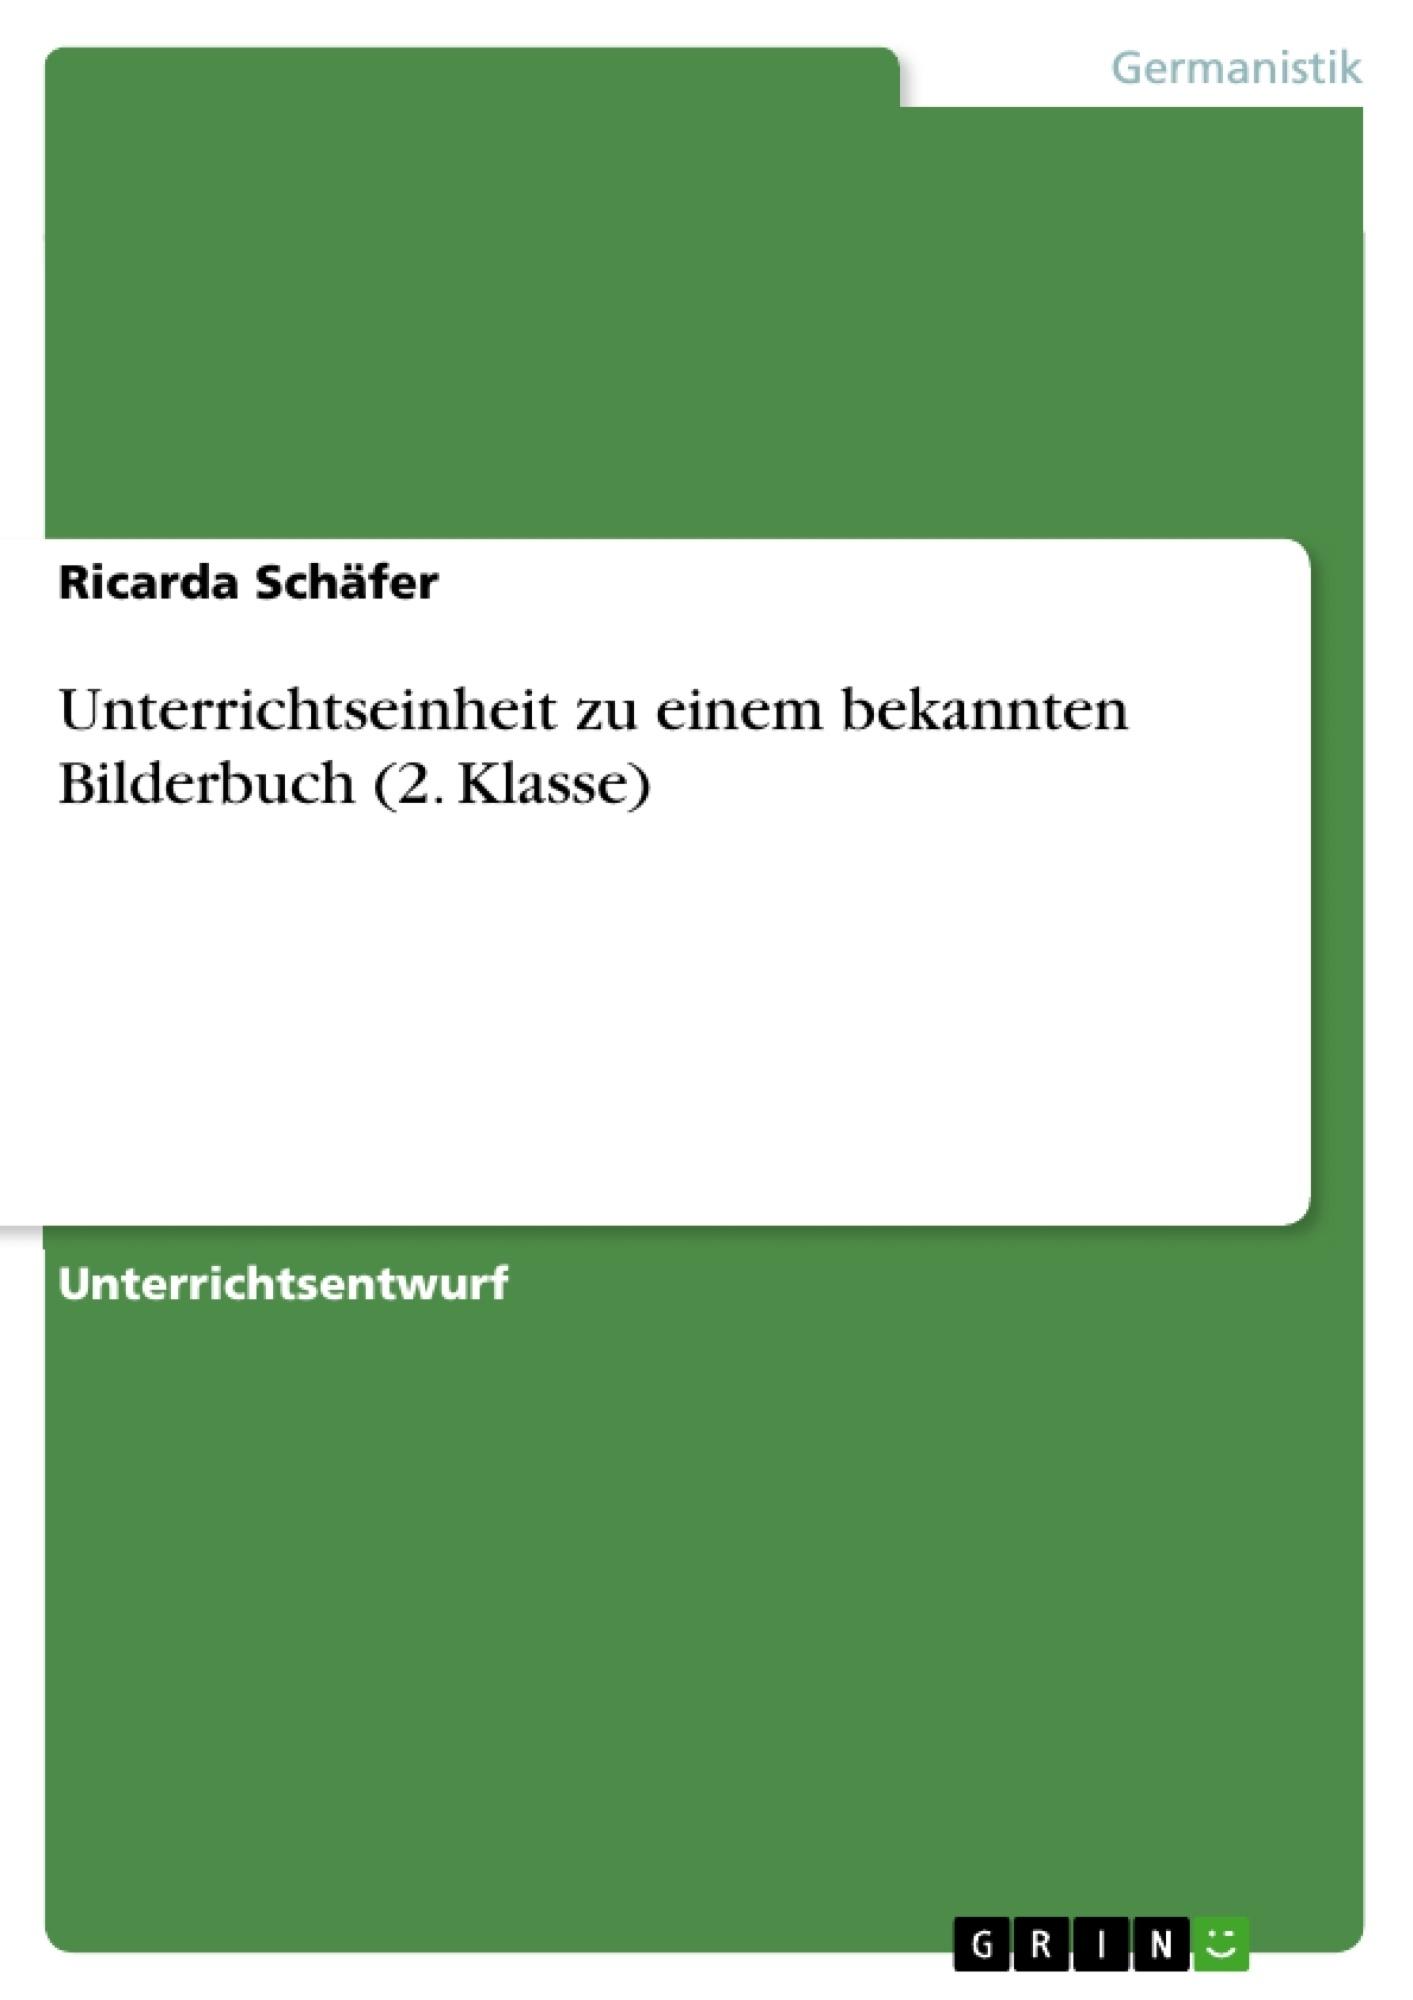 Titel: Unterrichtseinheit zu einem bekannten Bilderbuch (2. Klasse)